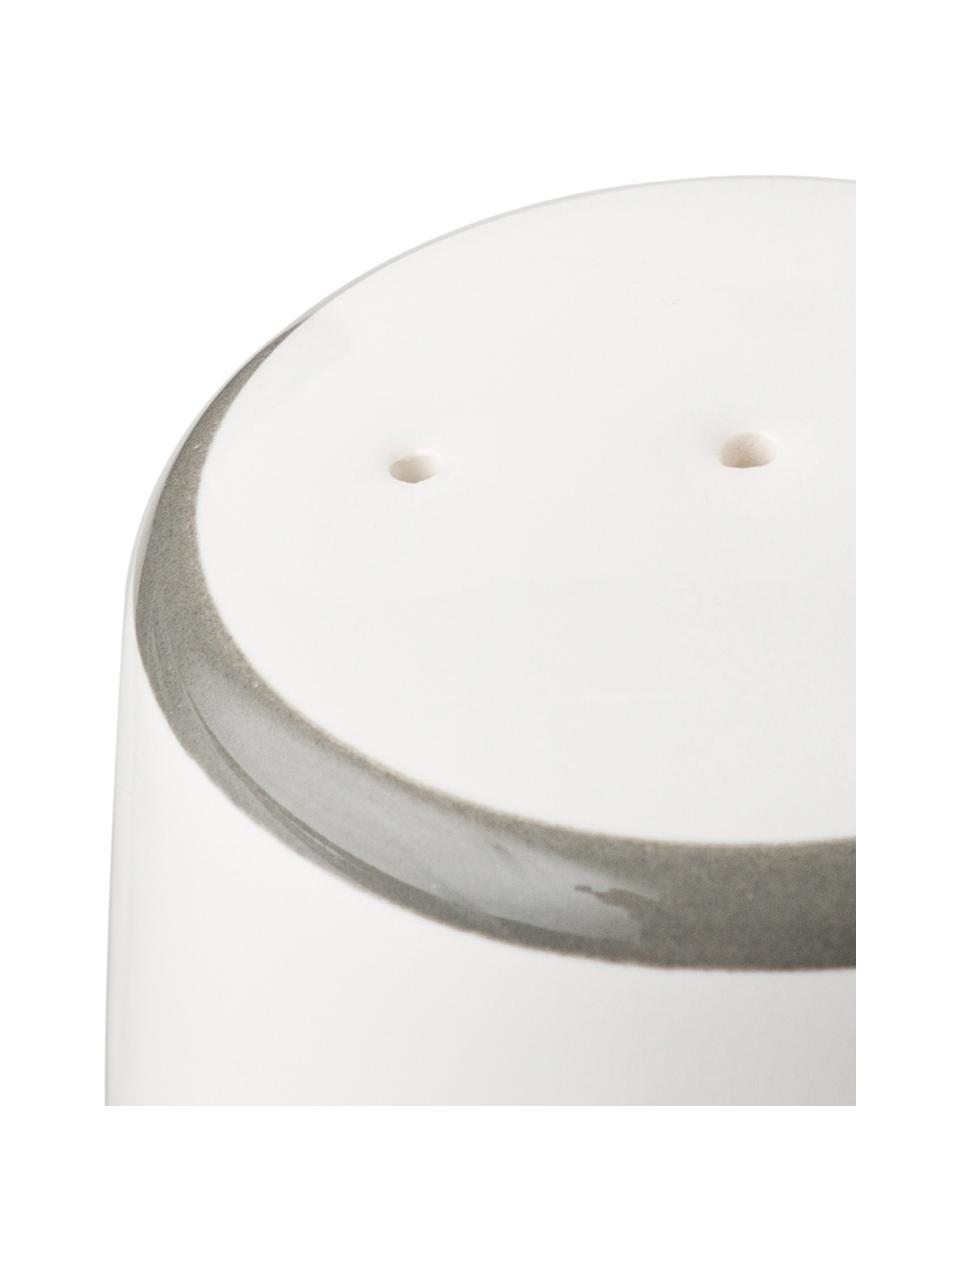 Ręcznie malowana pieprzniczka Classic Grauer Hirsch, Ceramika, Szary, biały, S 4 x W 6 cm